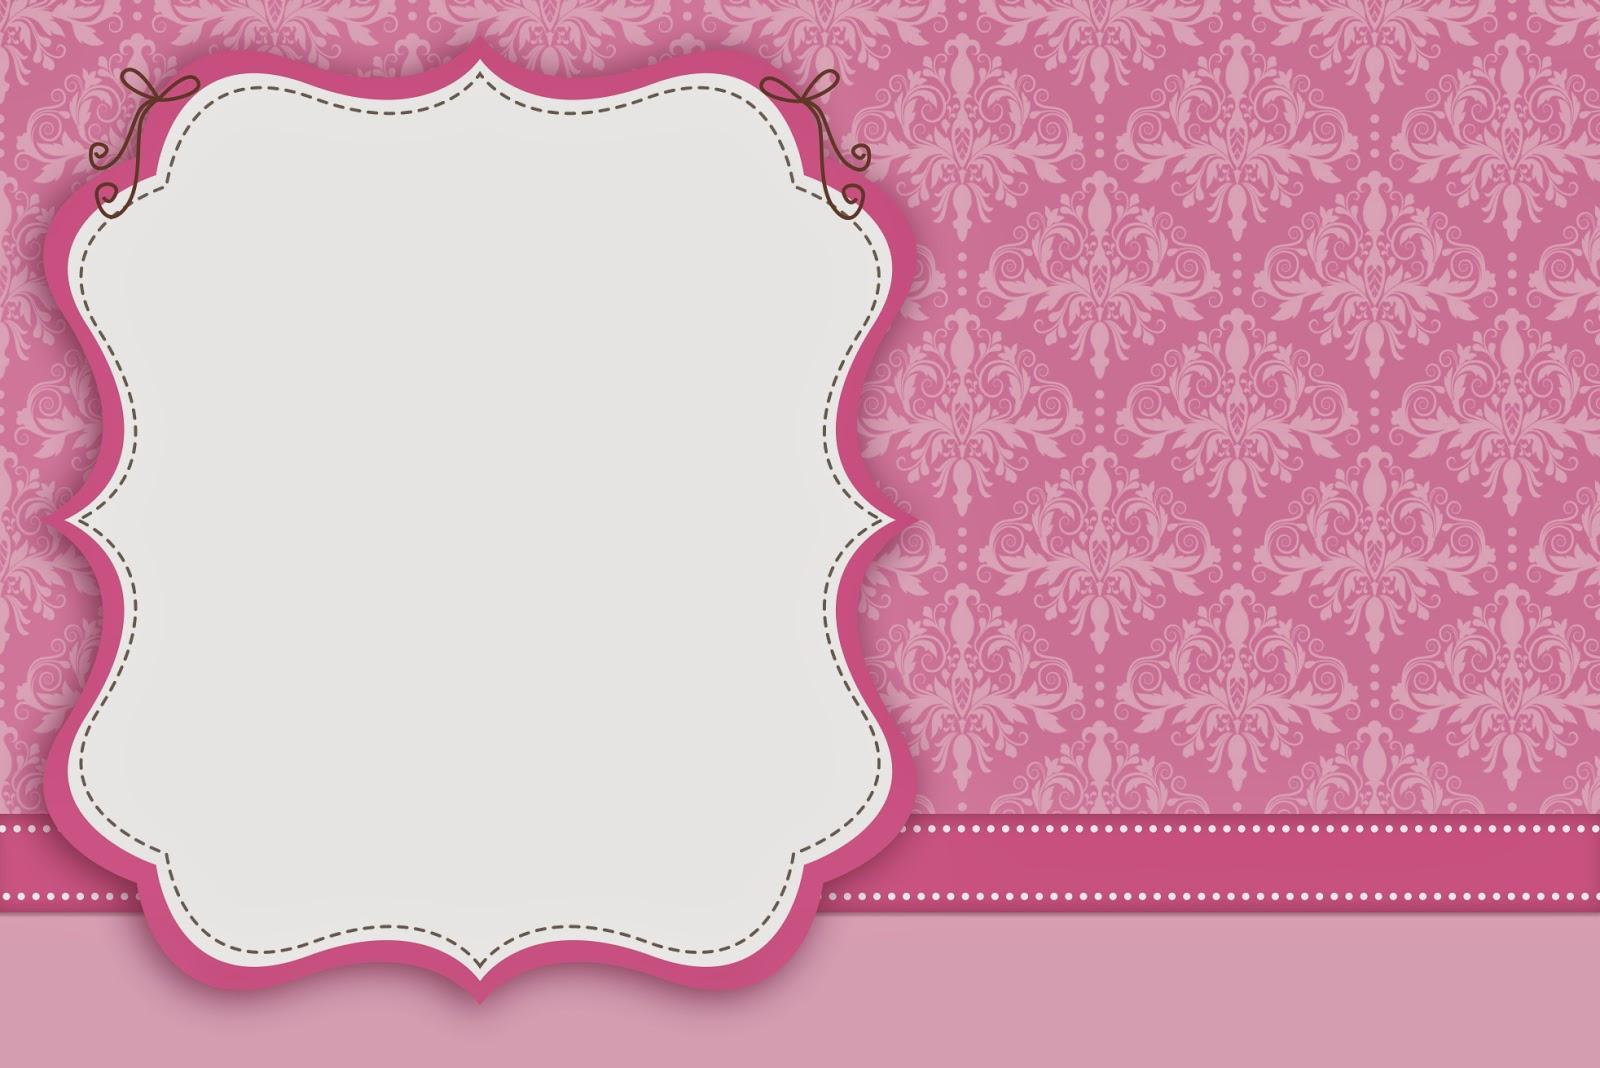 Fondos para invitaciones de 15 años color rosado - Imagui